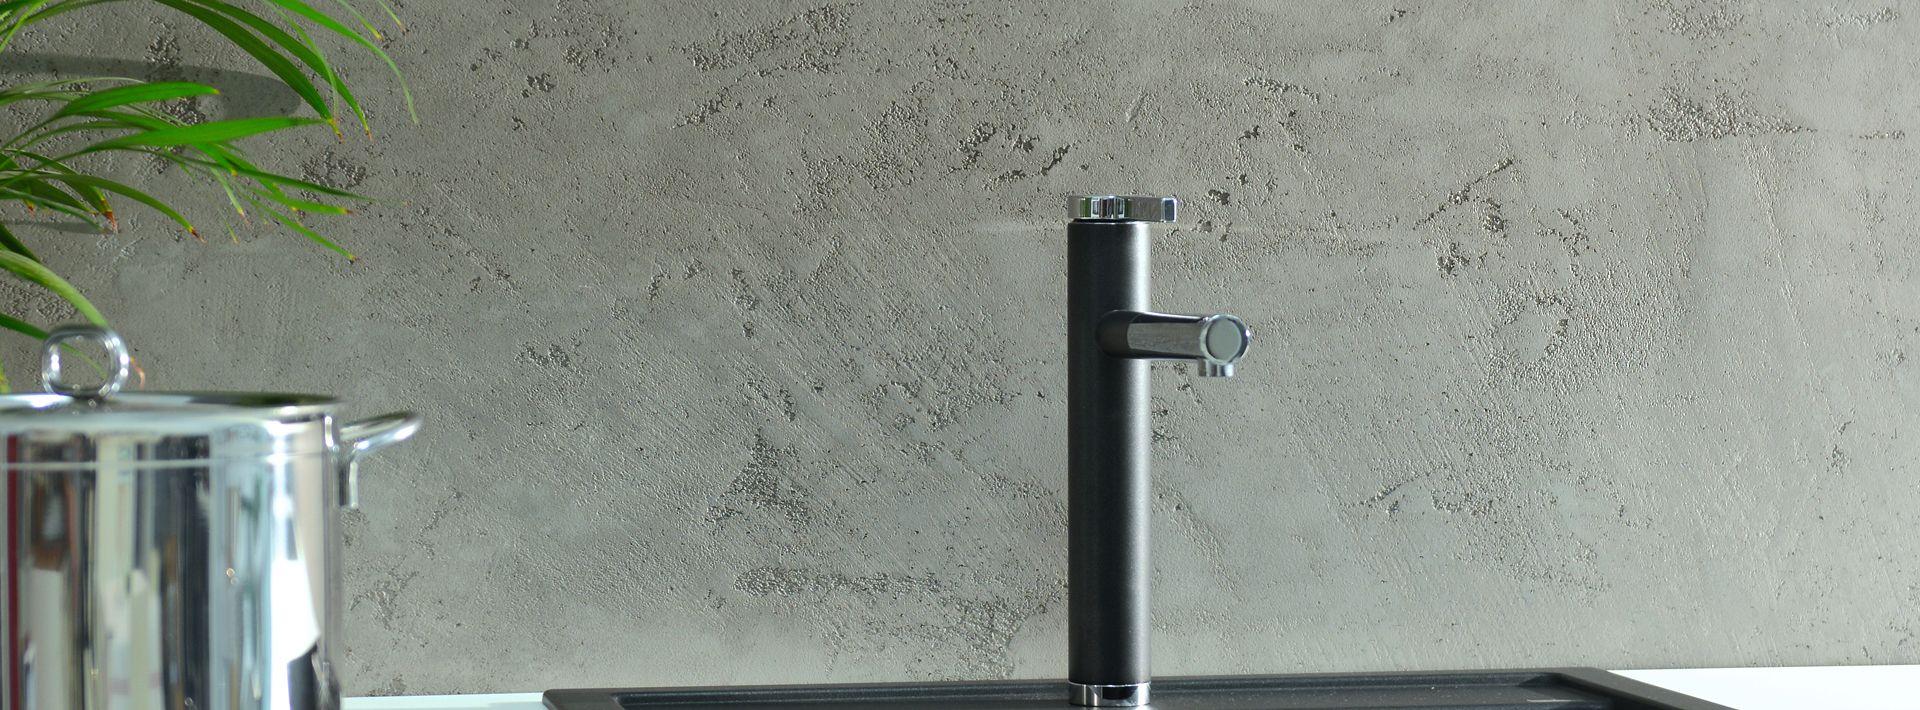 Nowoczesne aranżacje wnętrz – beton dekoracyjny!